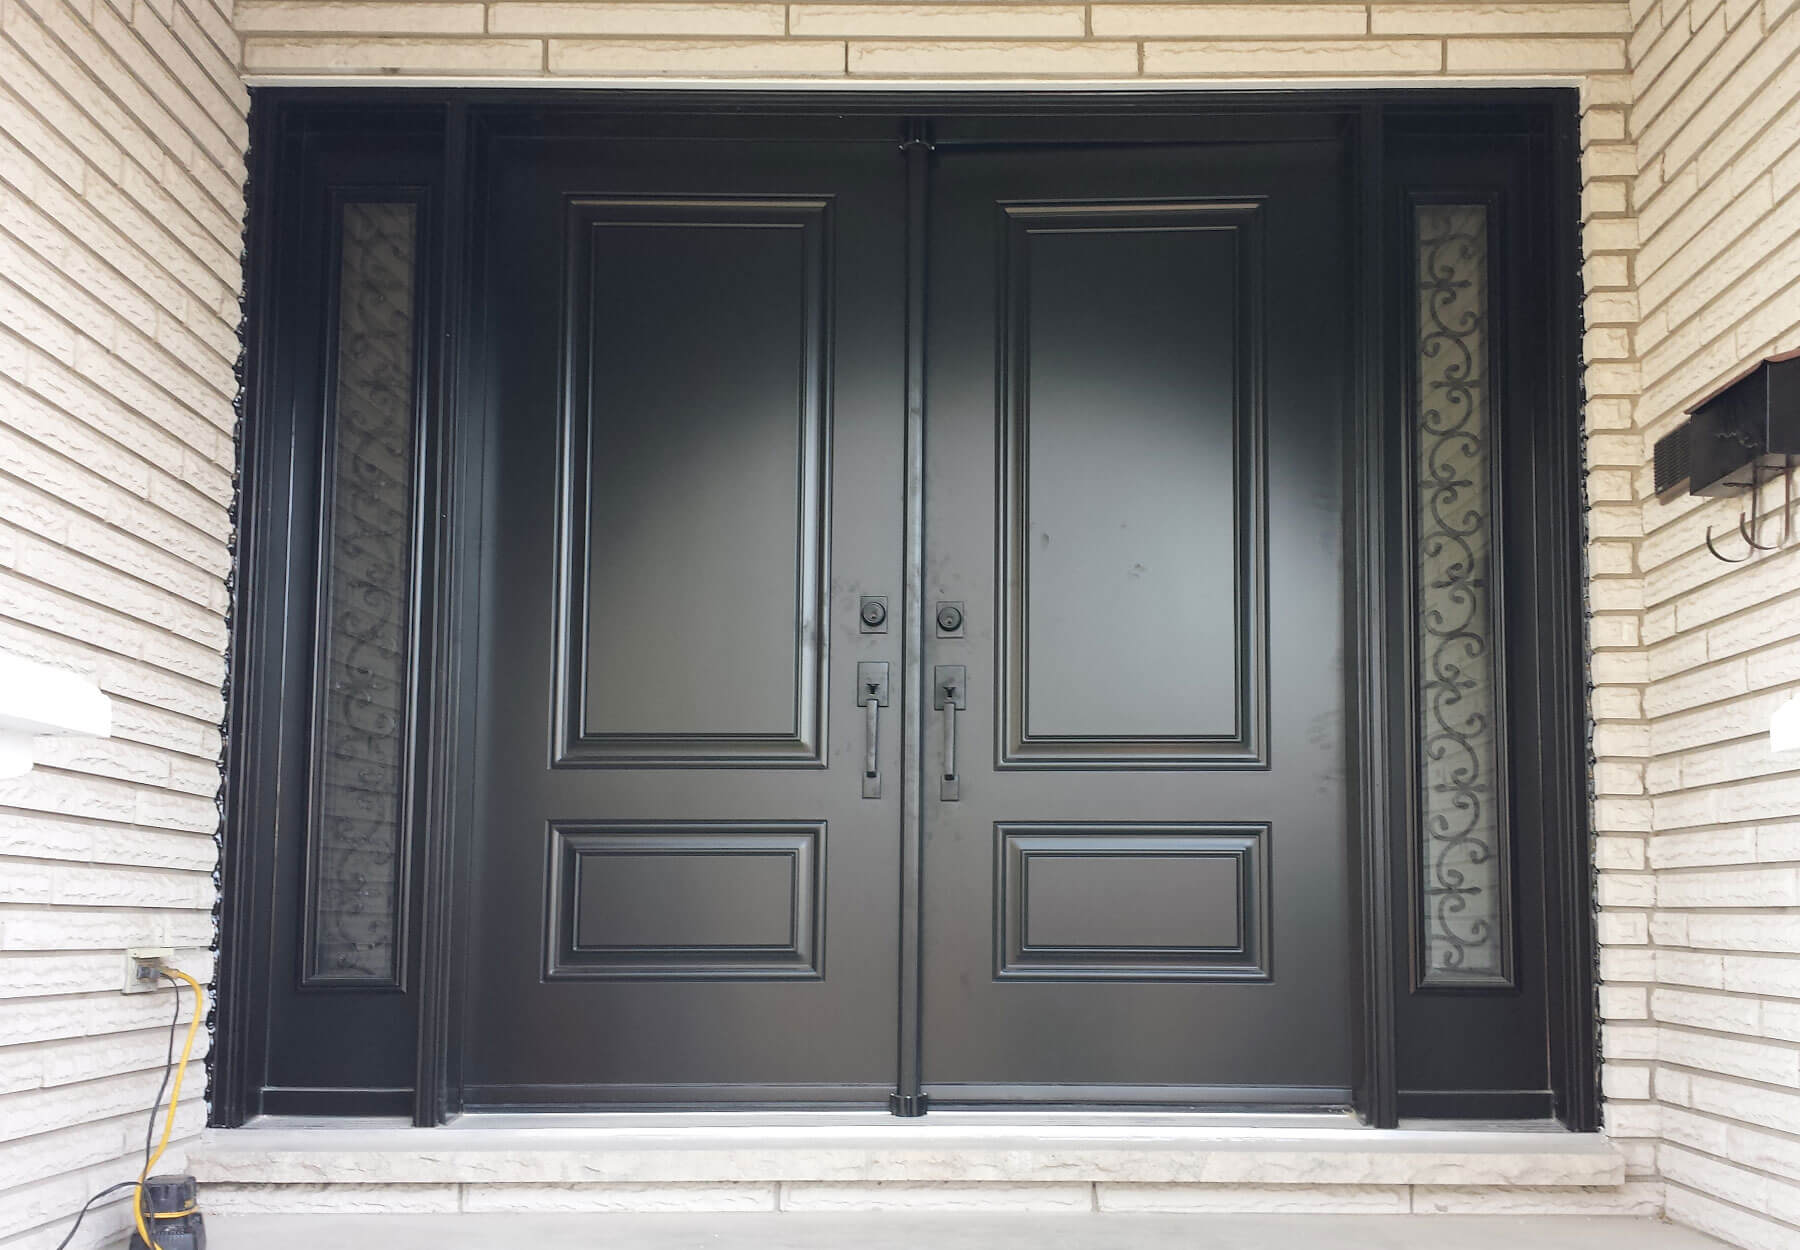 Close-up of steel doors